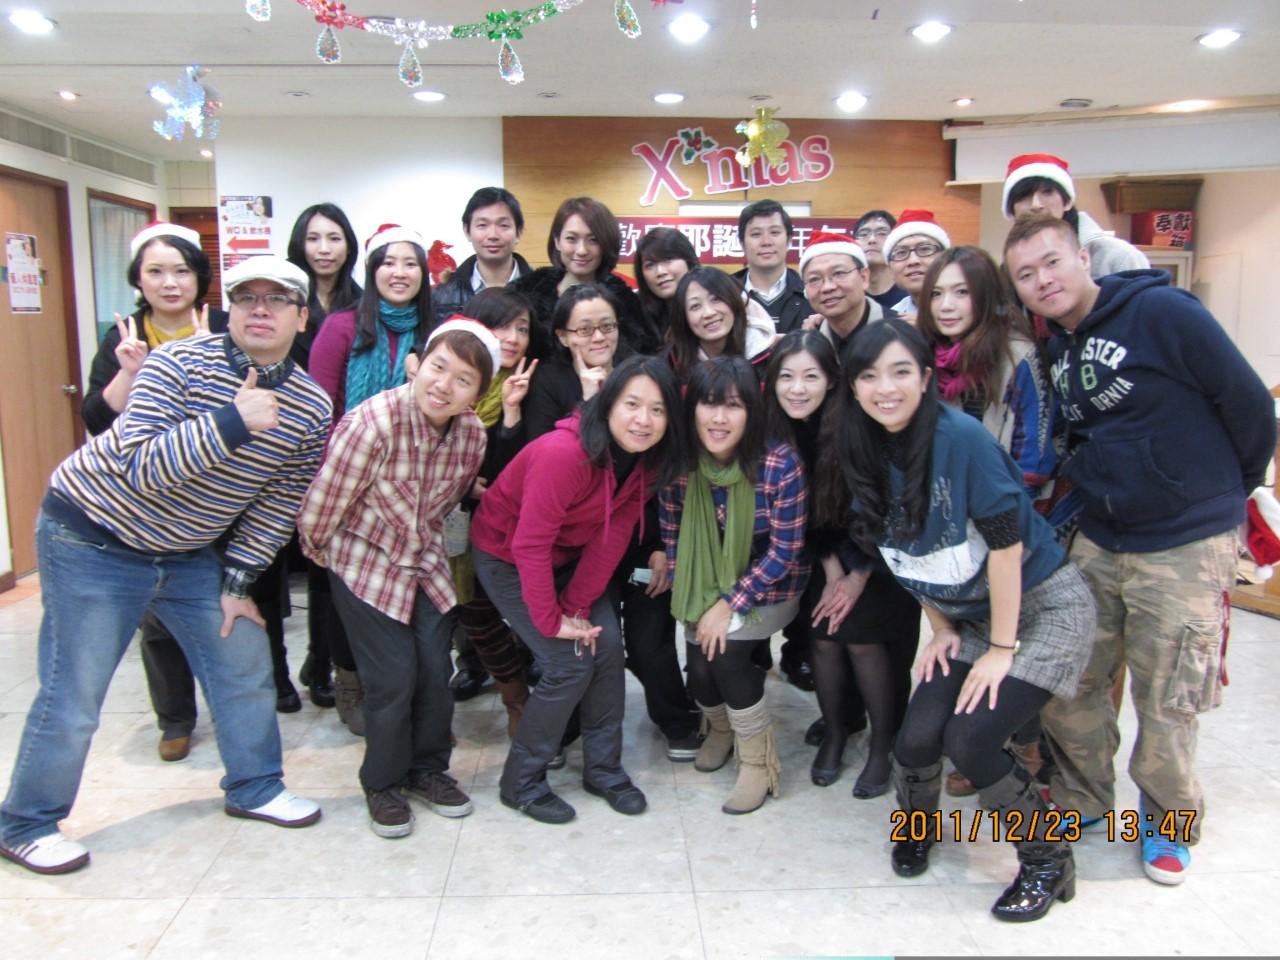 東森天堂小組|聖誕節慶活動